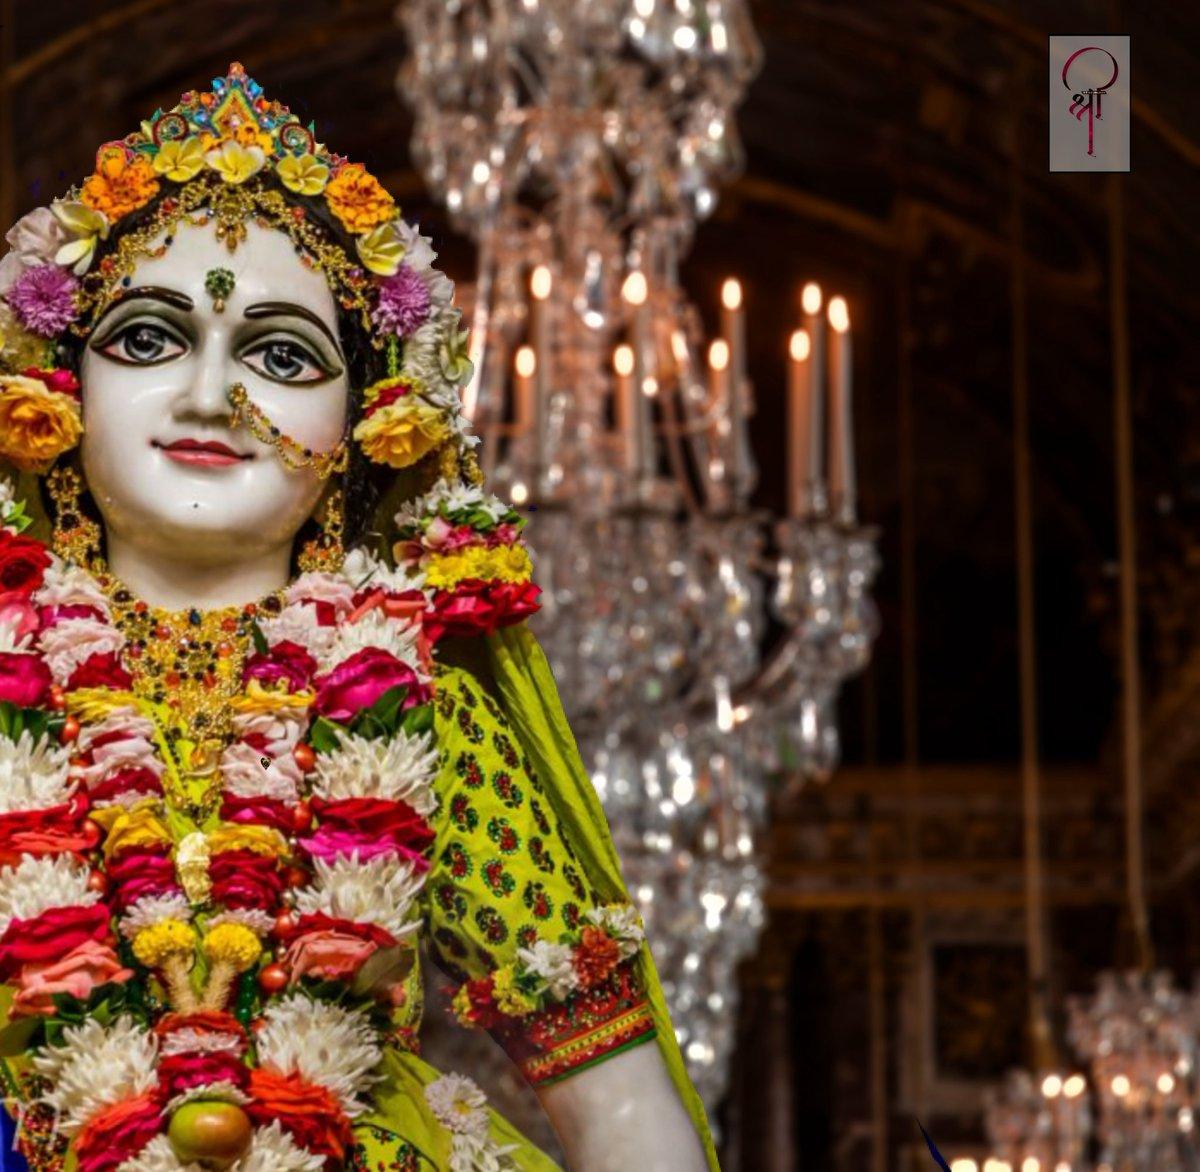 Shri ji... #shri #ganesh #om #radha #radhekrishna #radhakrishn #radhey #radhekrishnaworld  #krishna #radha  #india #darshan #hindudharma #today  #19october #2020 https://t.co/oxbj6llsjK